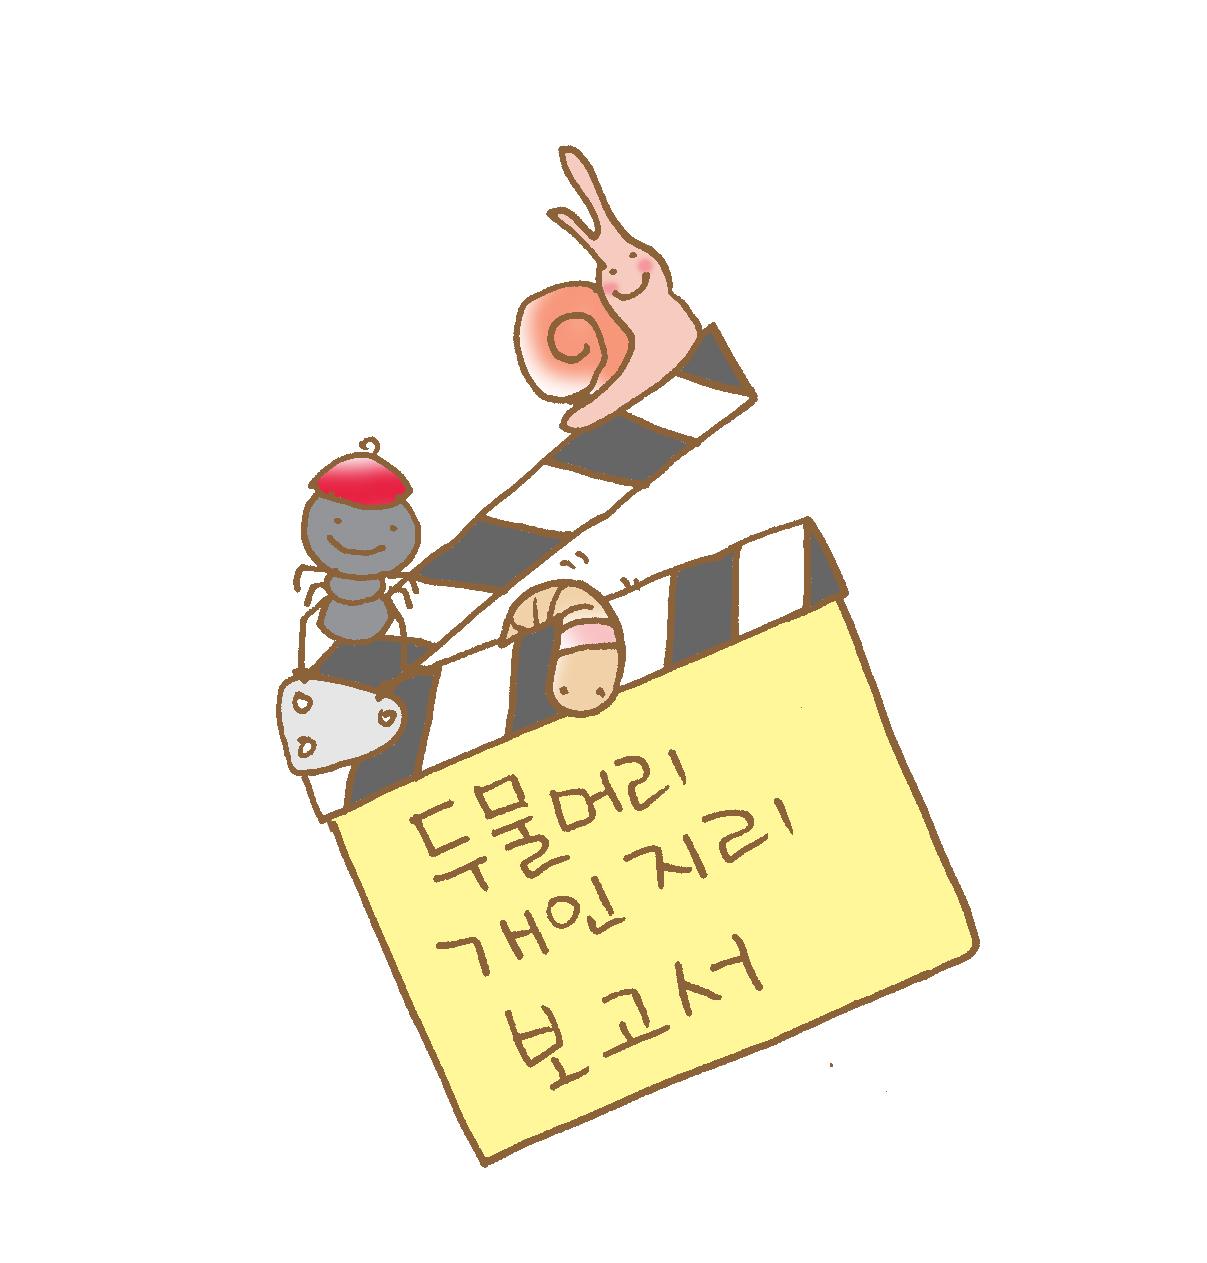 두물머리 개인지리 보고서 제작위원회 <지개달>